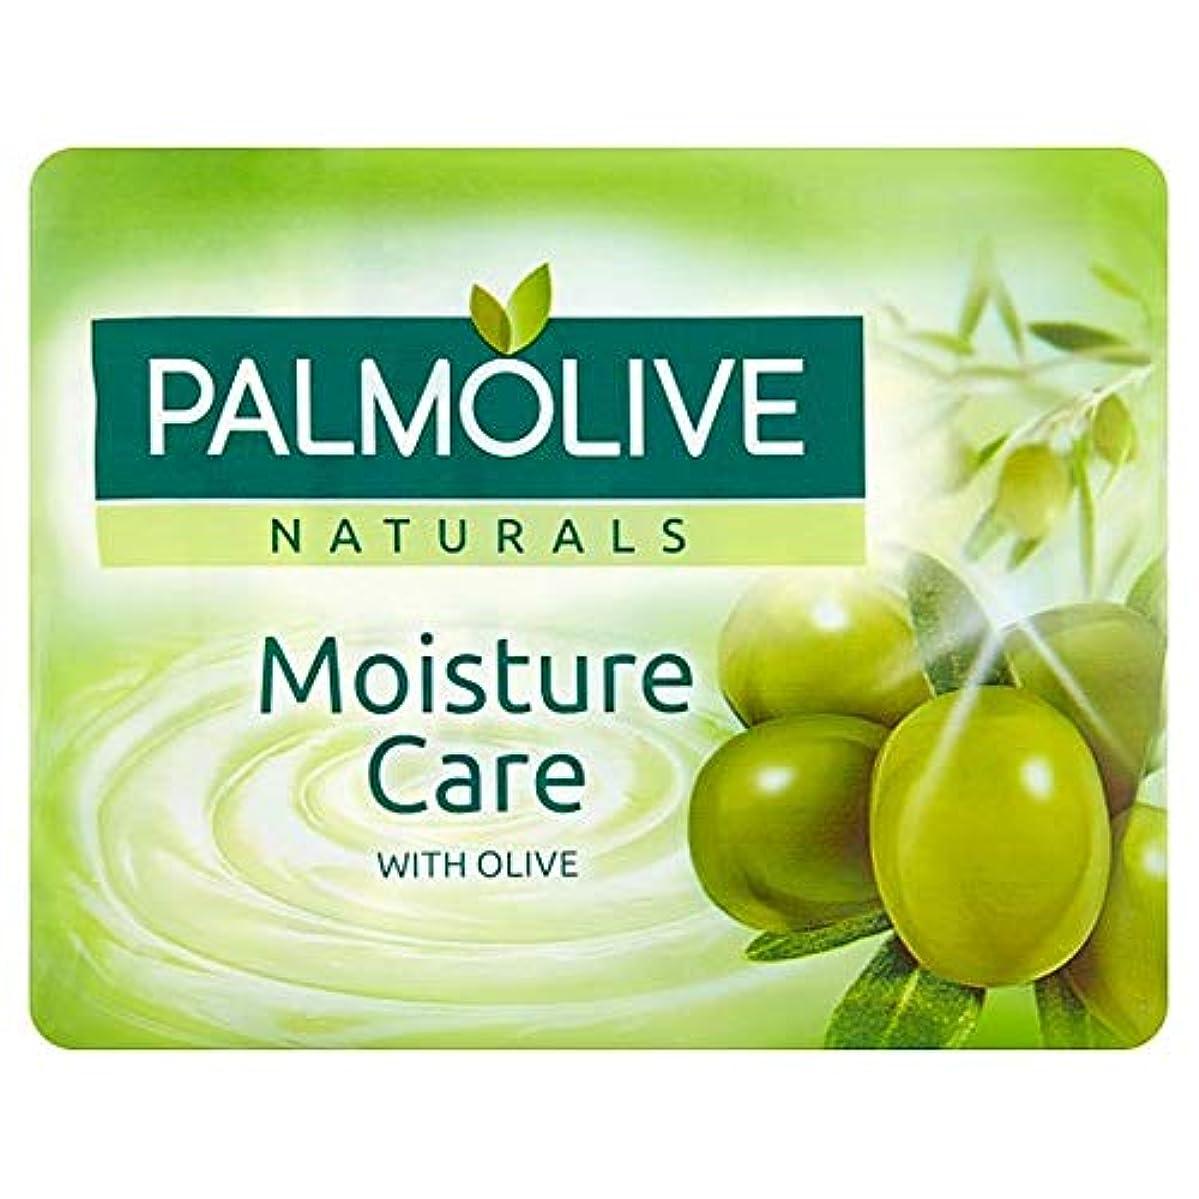 詩人その後容量[Palmolive ] パルモナチュラル水分ケア石鹸4×90グラム - Palmolive Naturals Moisture Care Bar Soap 4 X 90g [並行輸入品]